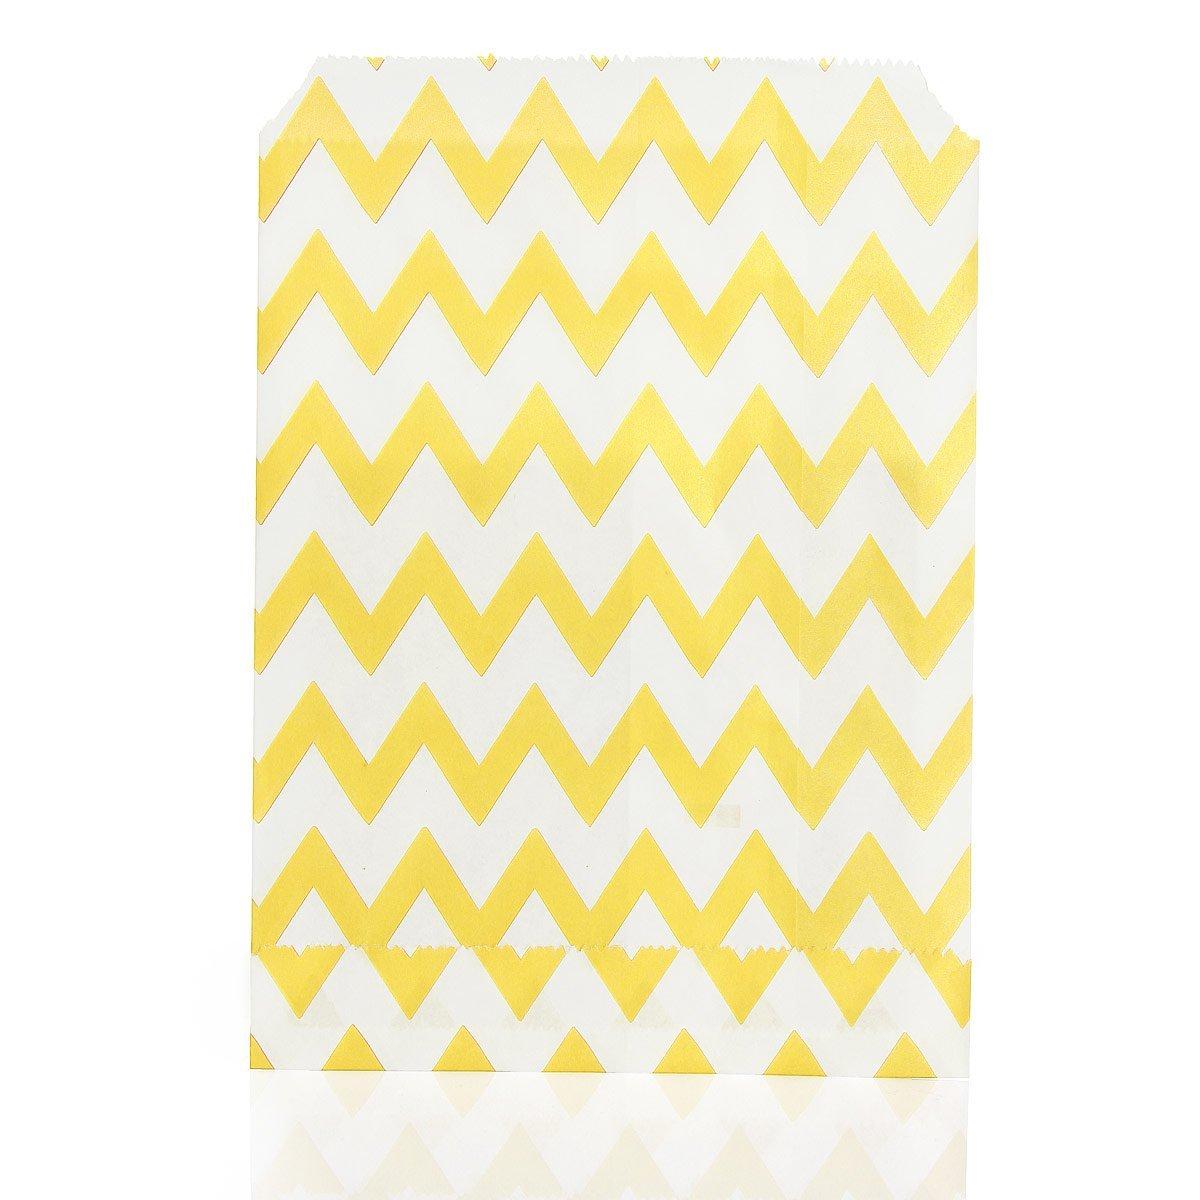 TOOGOO(R) 25 x Sacchetti di caramella di spettacolo di stripe SHOMAGT12225